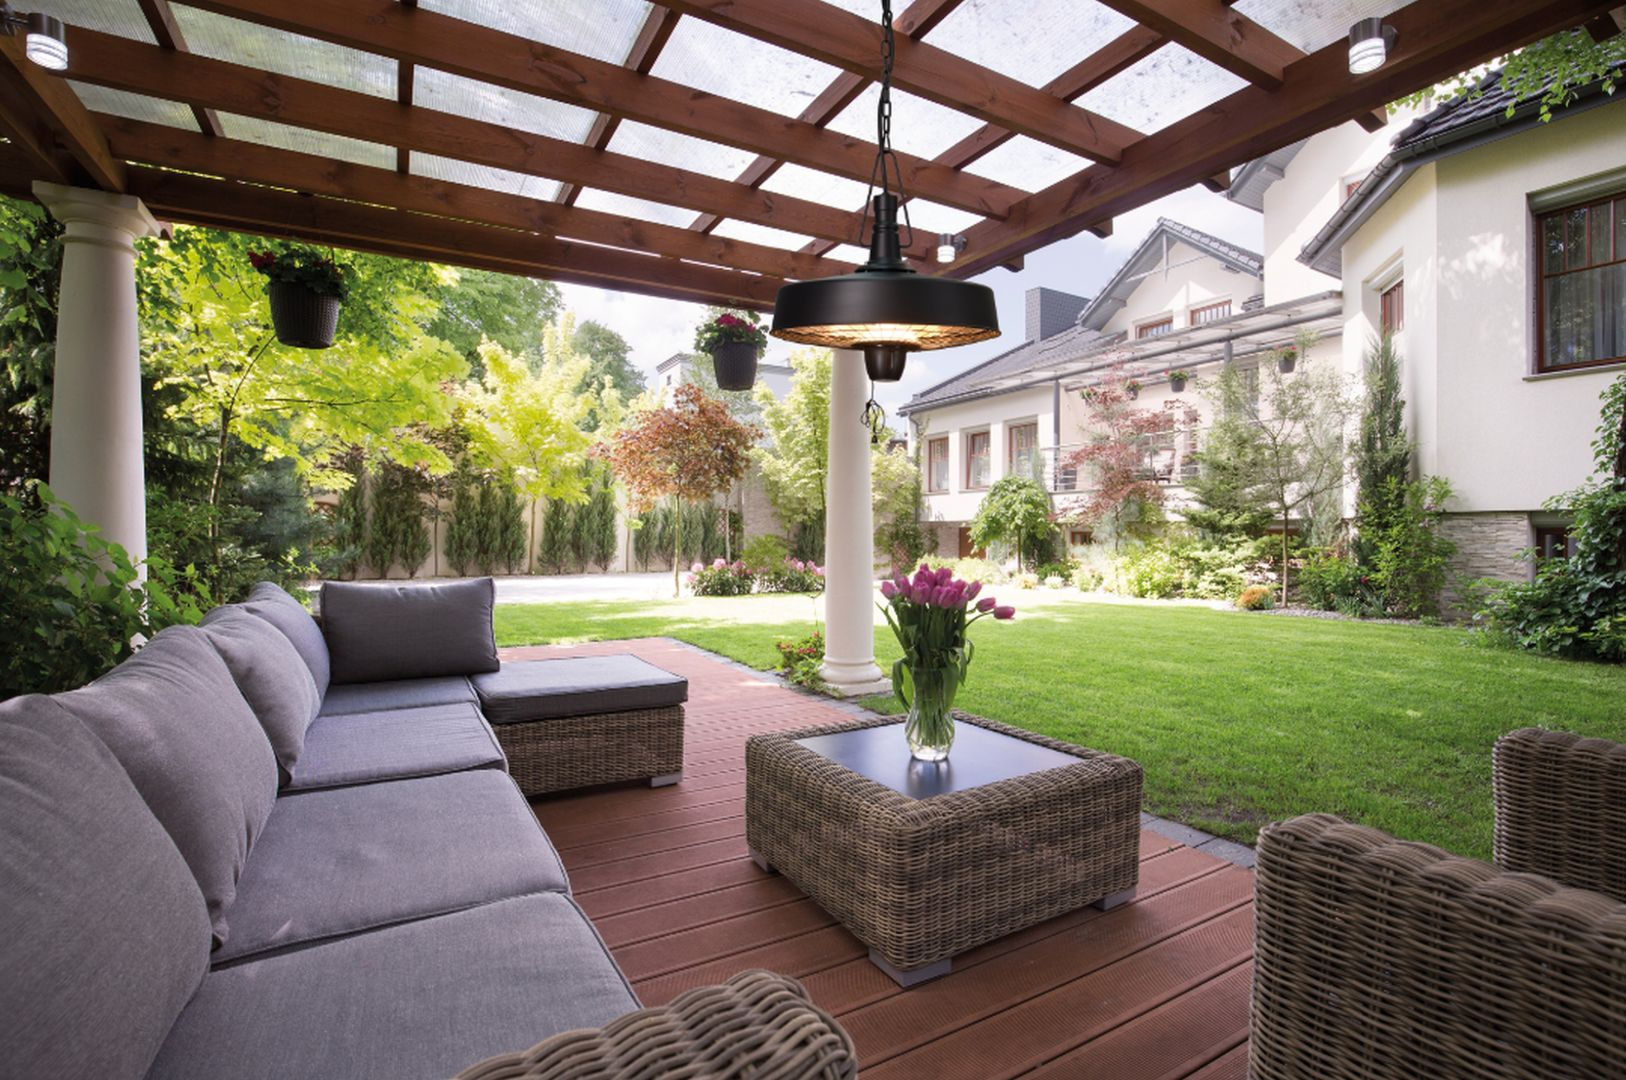 Urządzenia są praktyczne i funkcjonalne, a ich nowoczesny i estetyczny wygląd stanie się dodatkową ozdobą ogrodu czy tarasu. Fot. Activejet